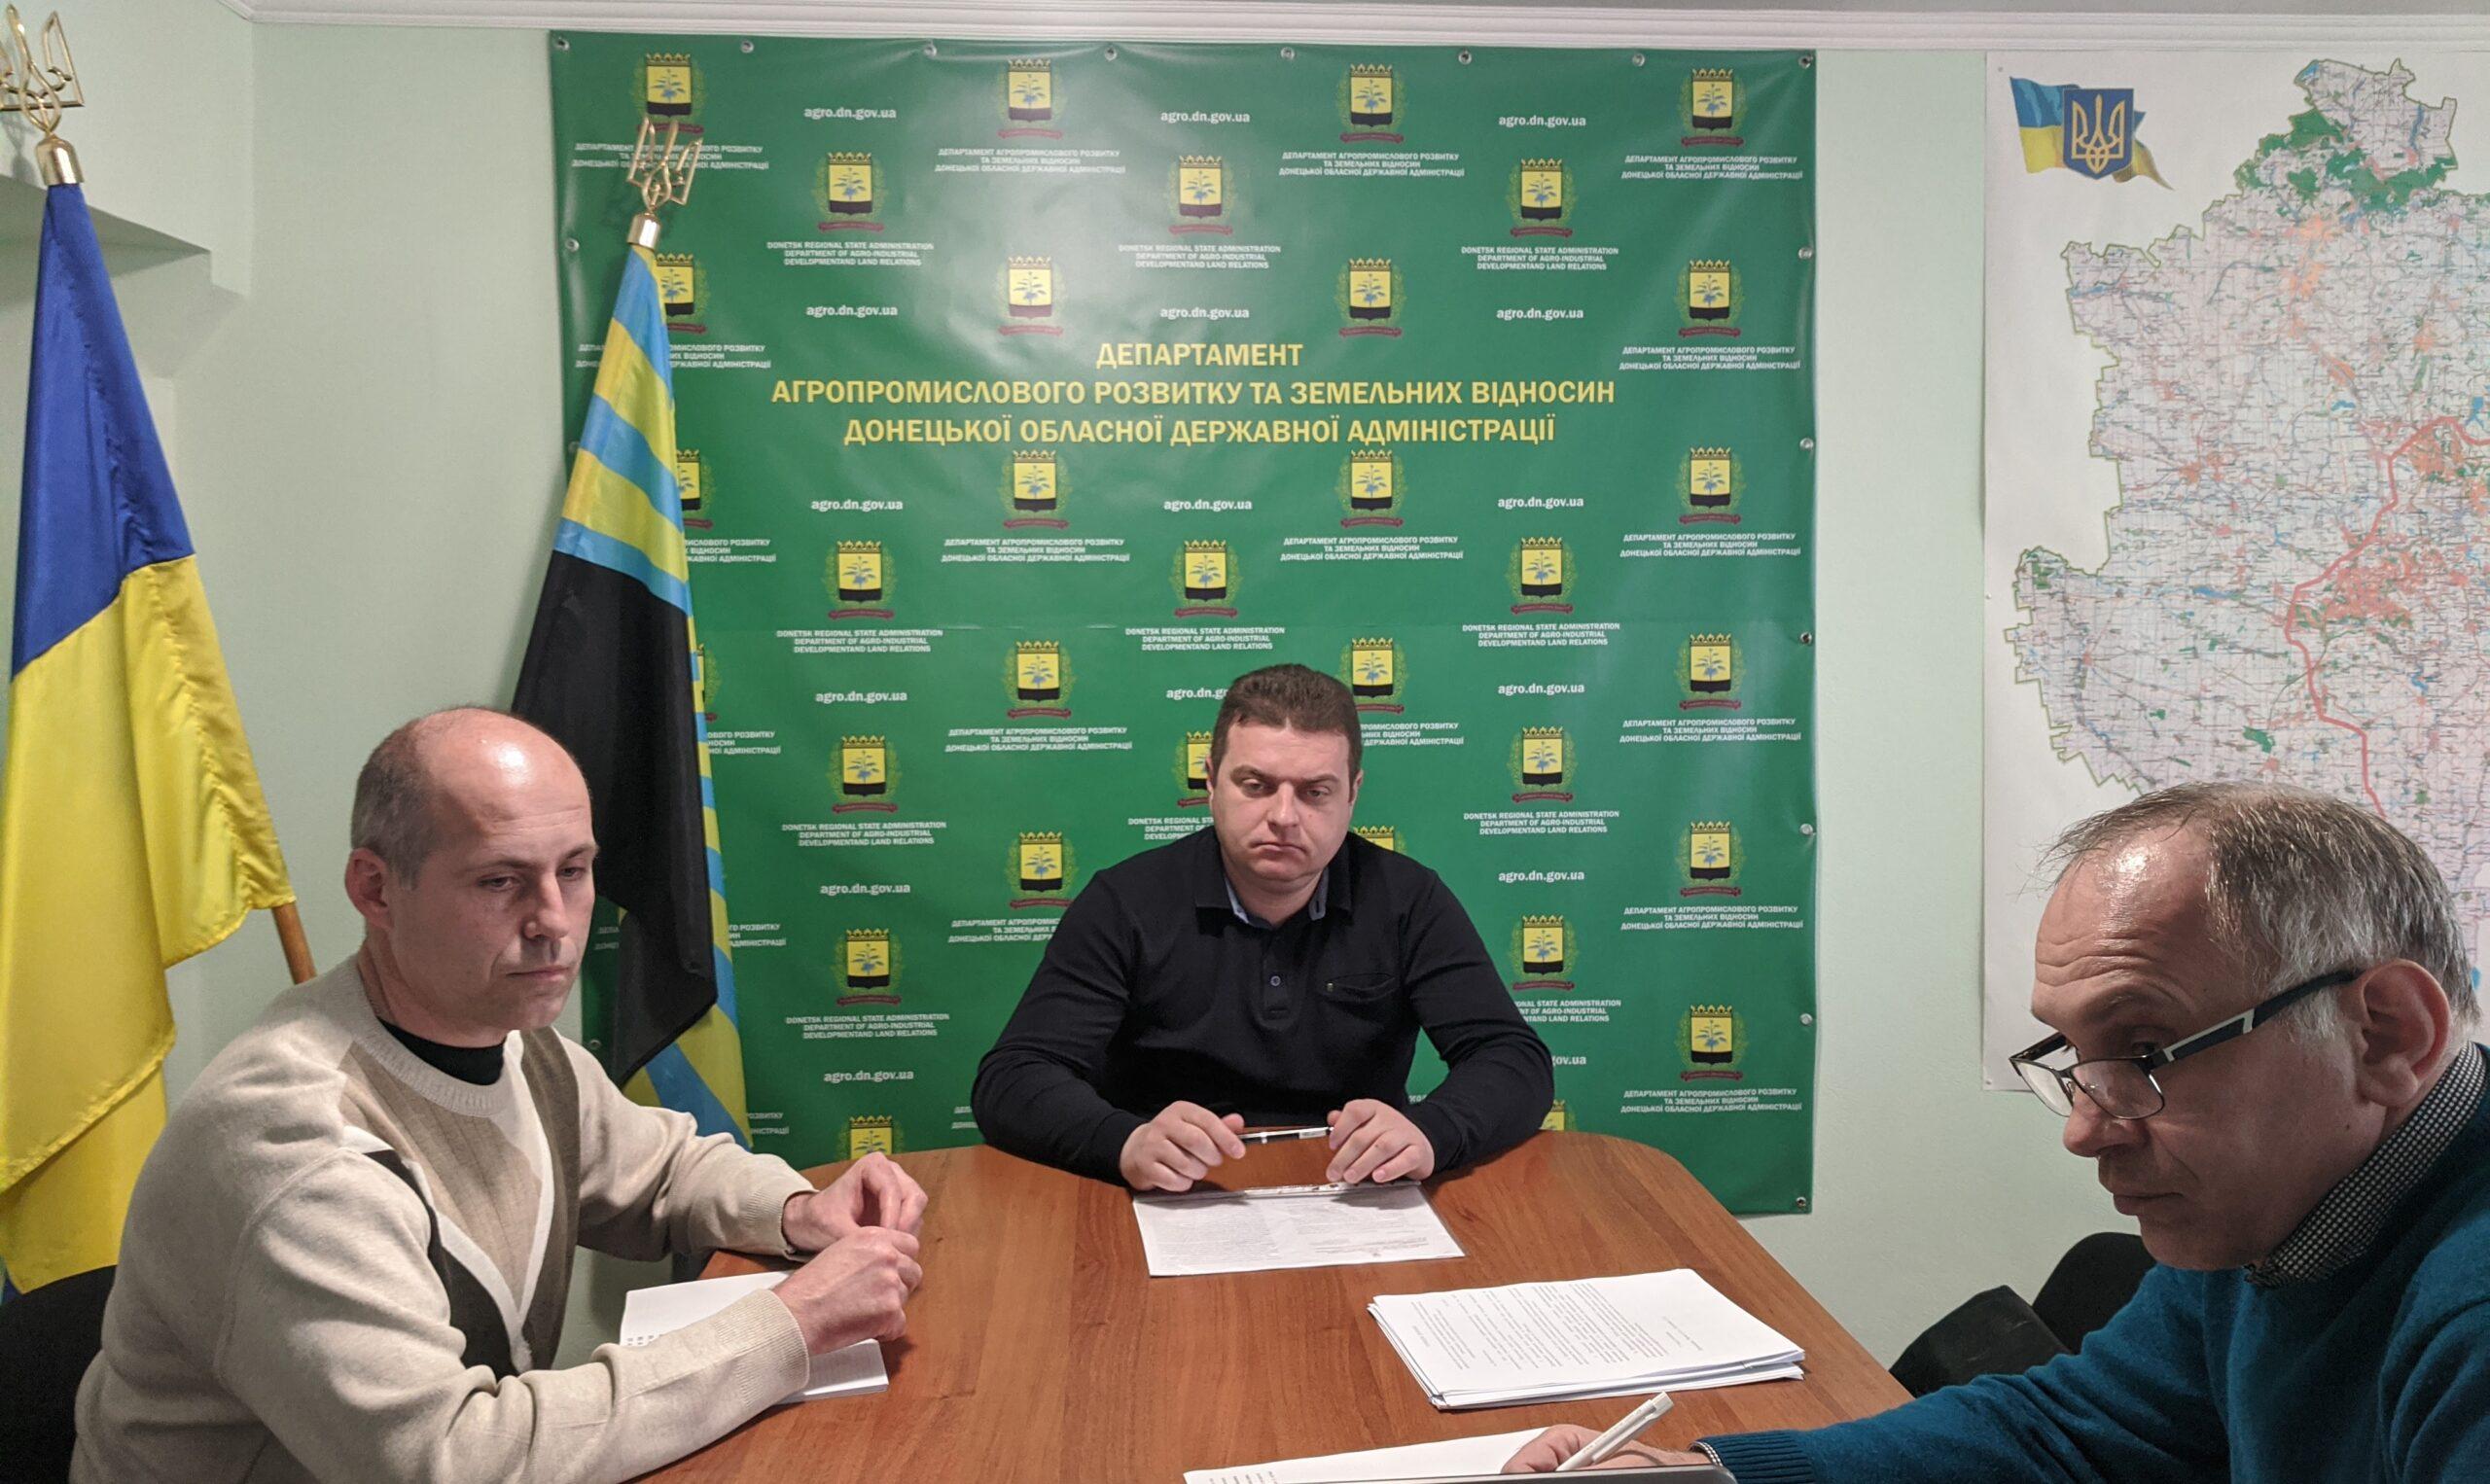 Питання фінансової підтримки сільгосптоваровиробників обговорювалася на селекторній нараді з Мінекономікою